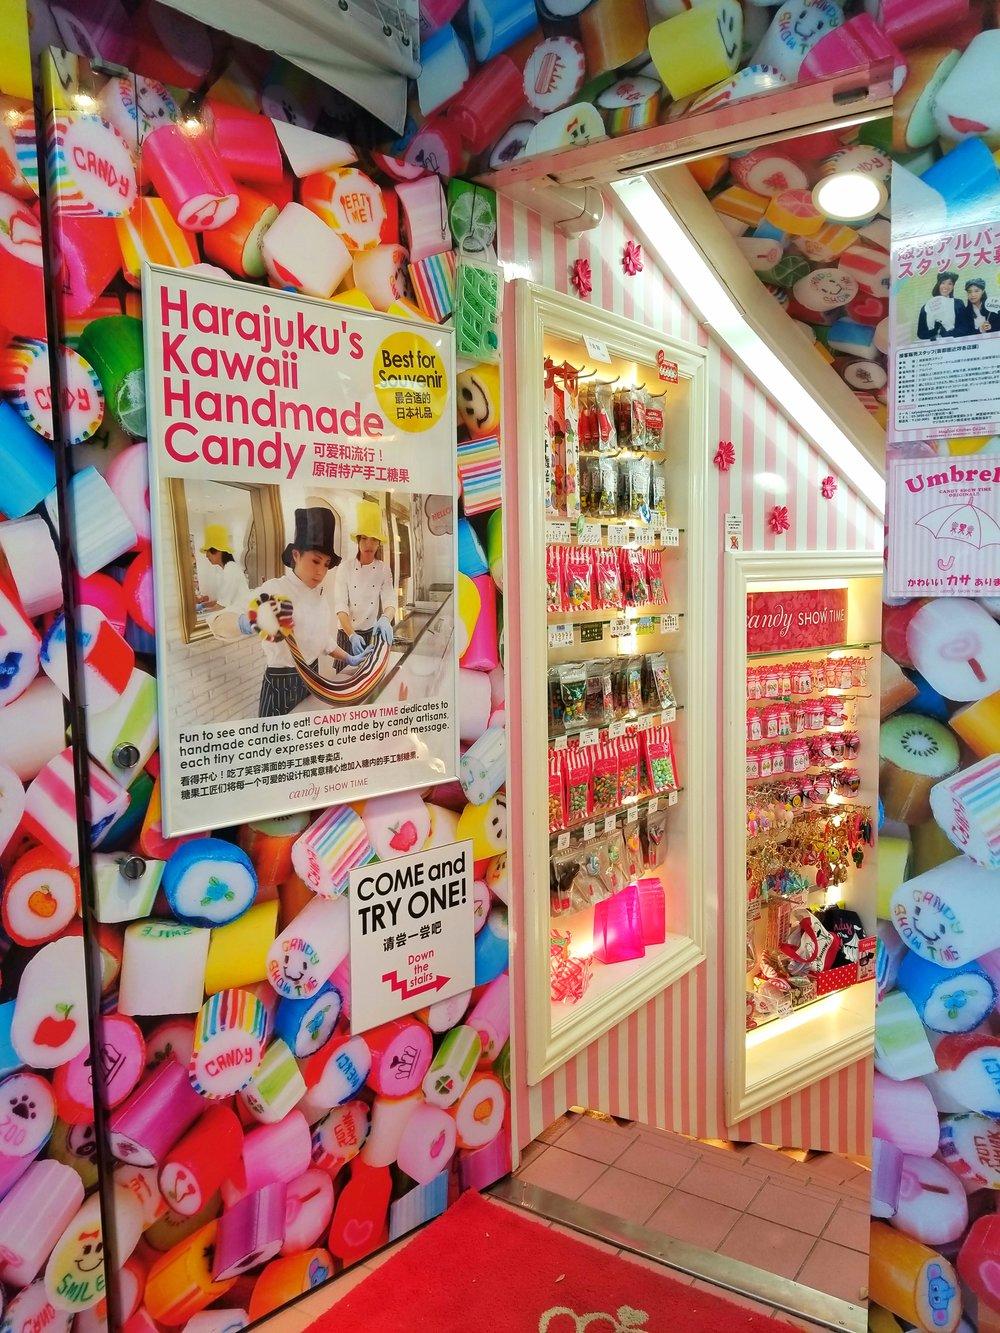 uprooted-traveler-harajuku-candy-tokyo.jpg